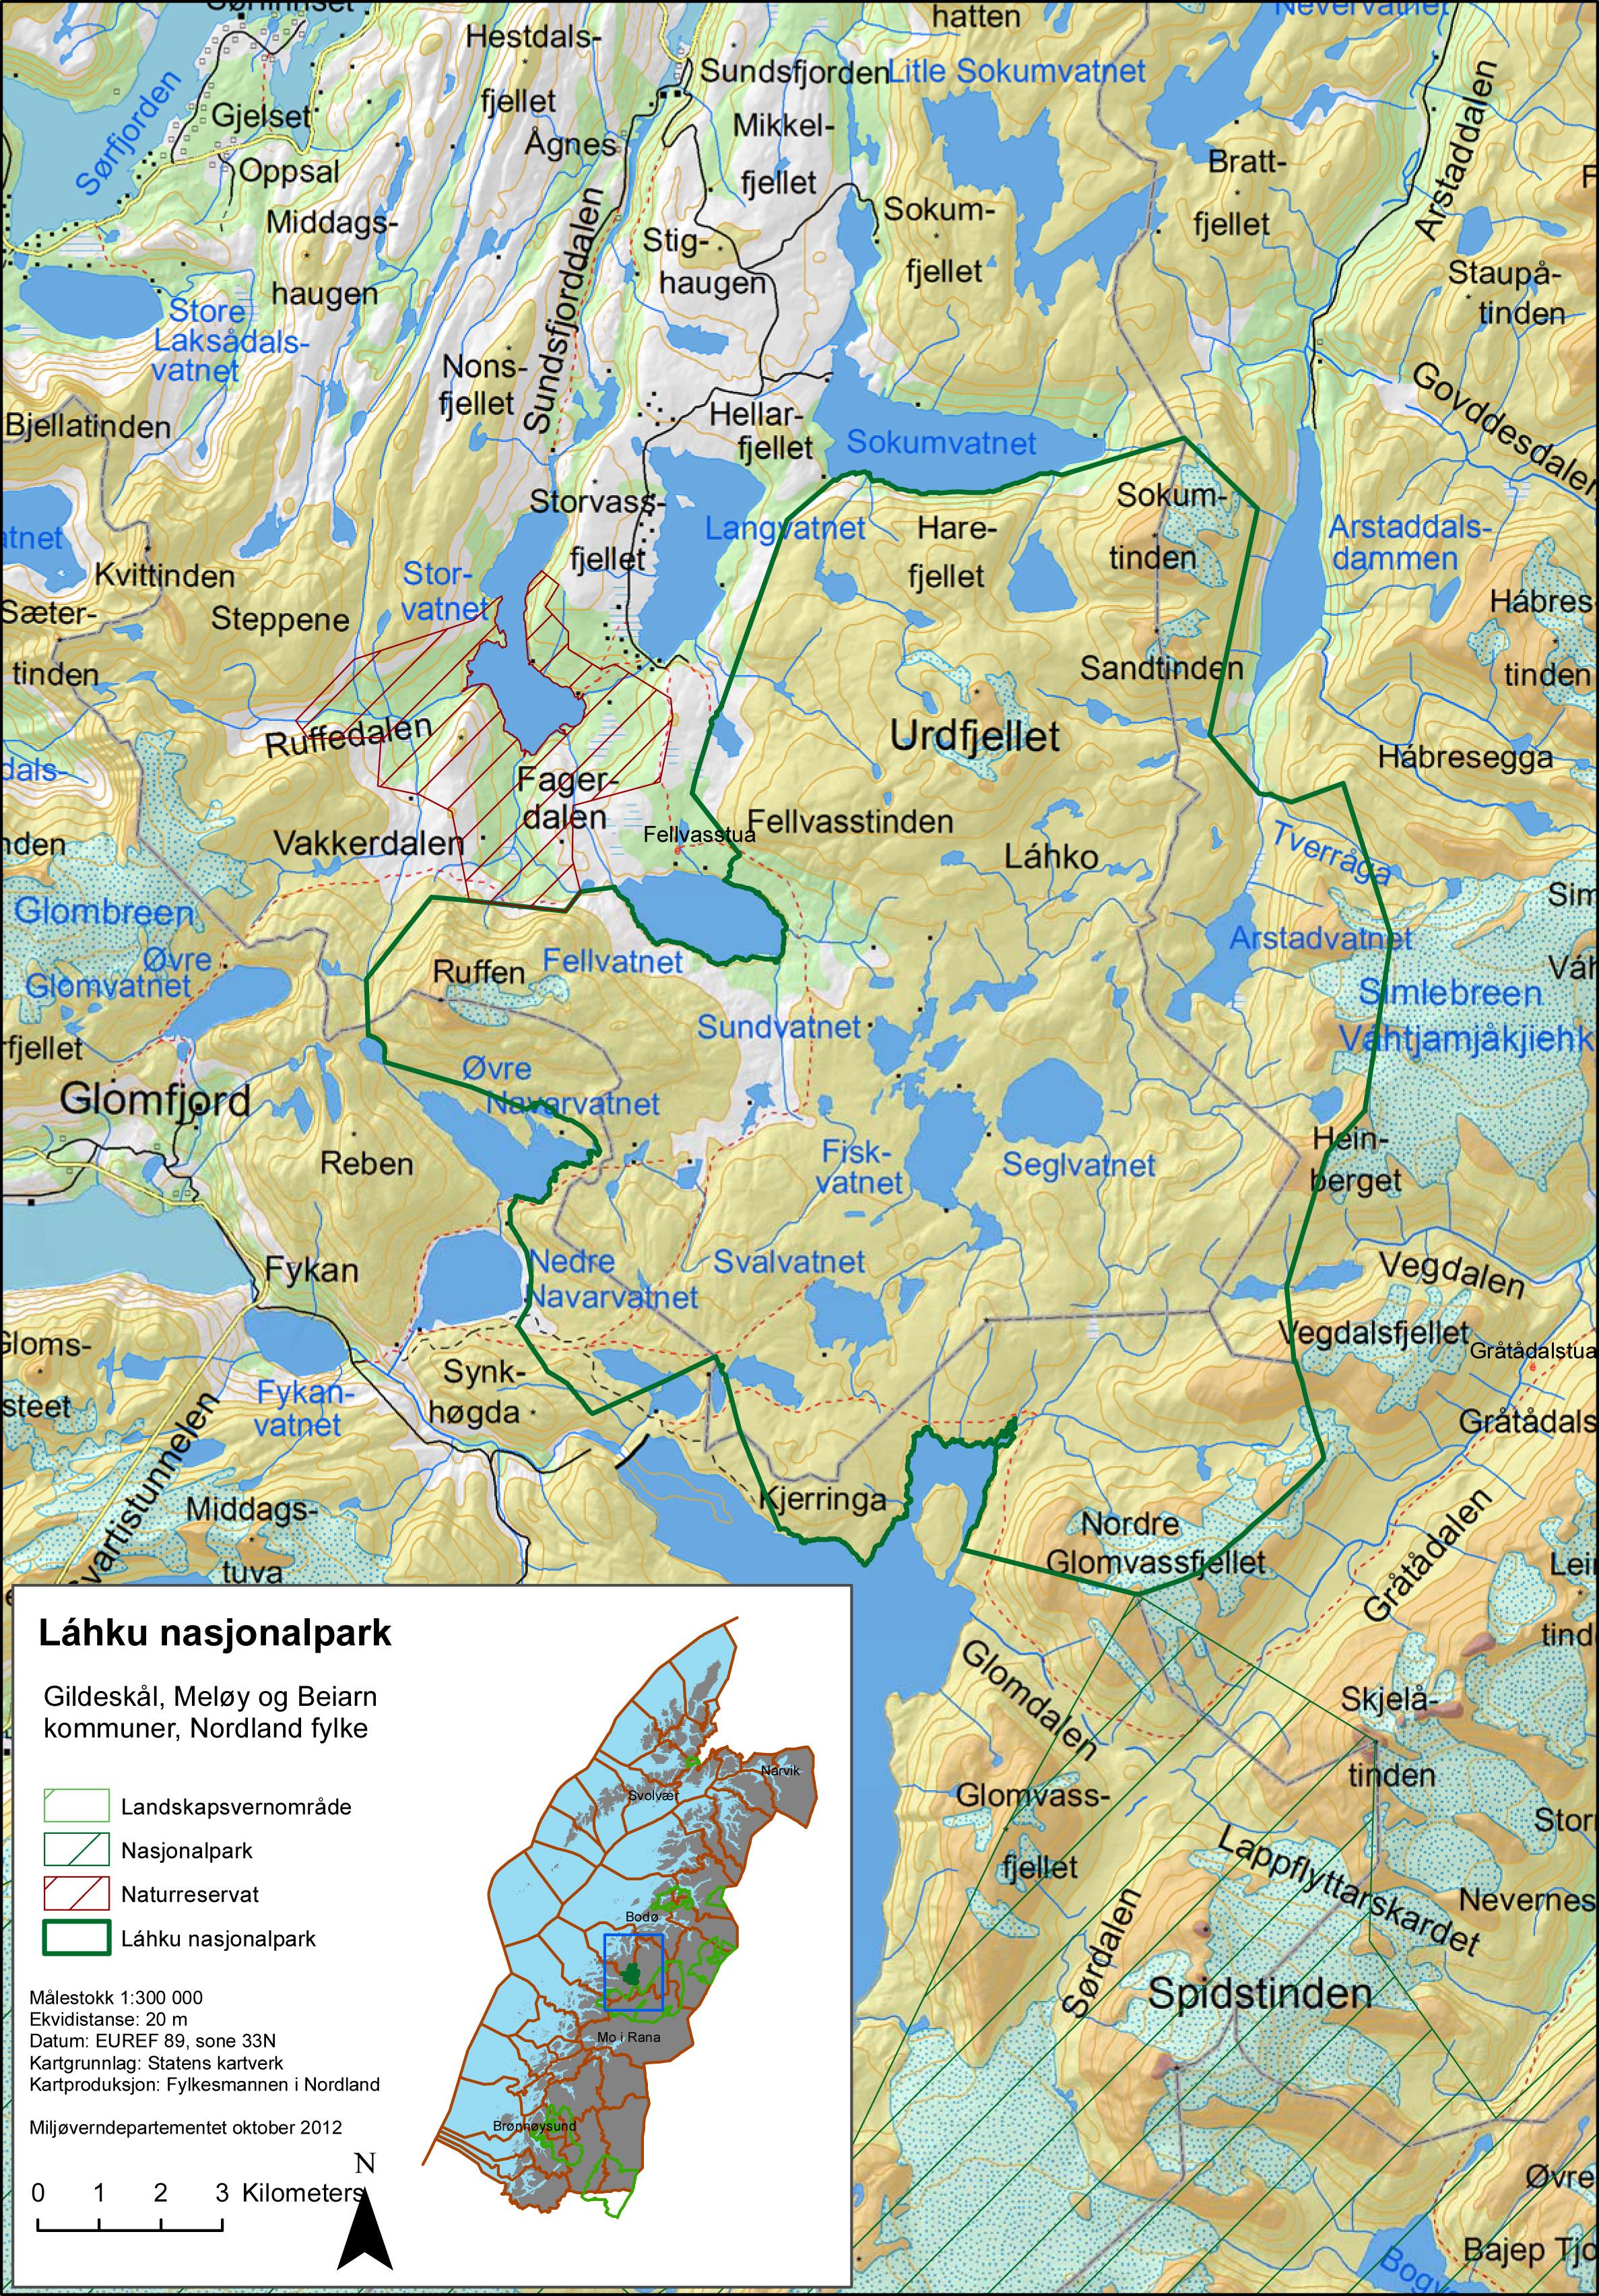 kart over glomfjord Láhko nasjonalpark   Gildeskål kommune kart over glomfjord